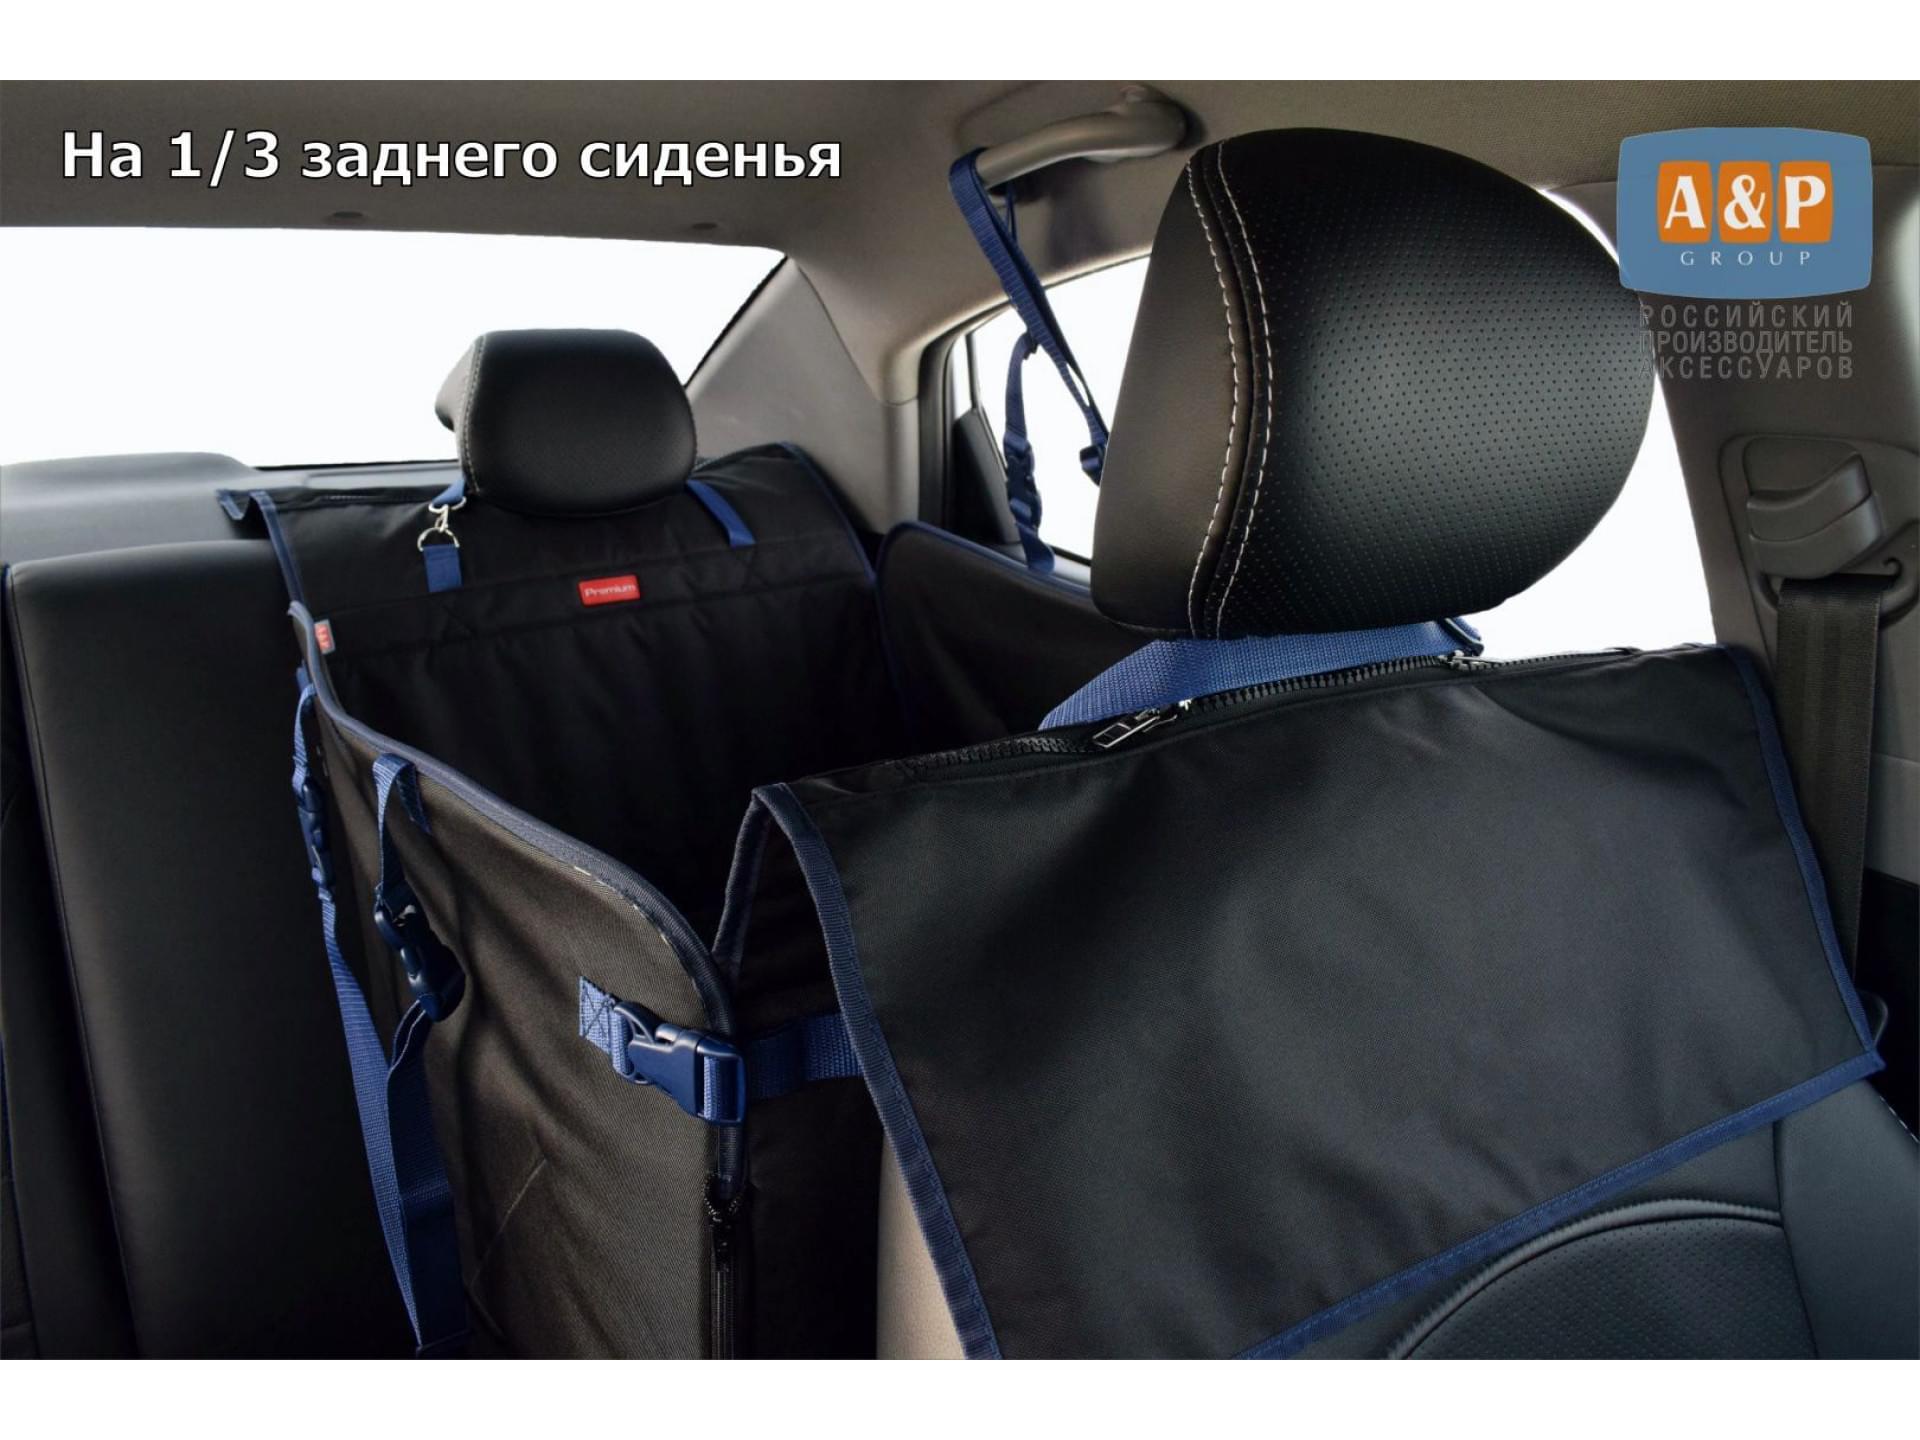 Автогамак для перевозки собак Happy Dog Premium (Хэппи Дог Премиум). На 1/3 заднего сиденья.